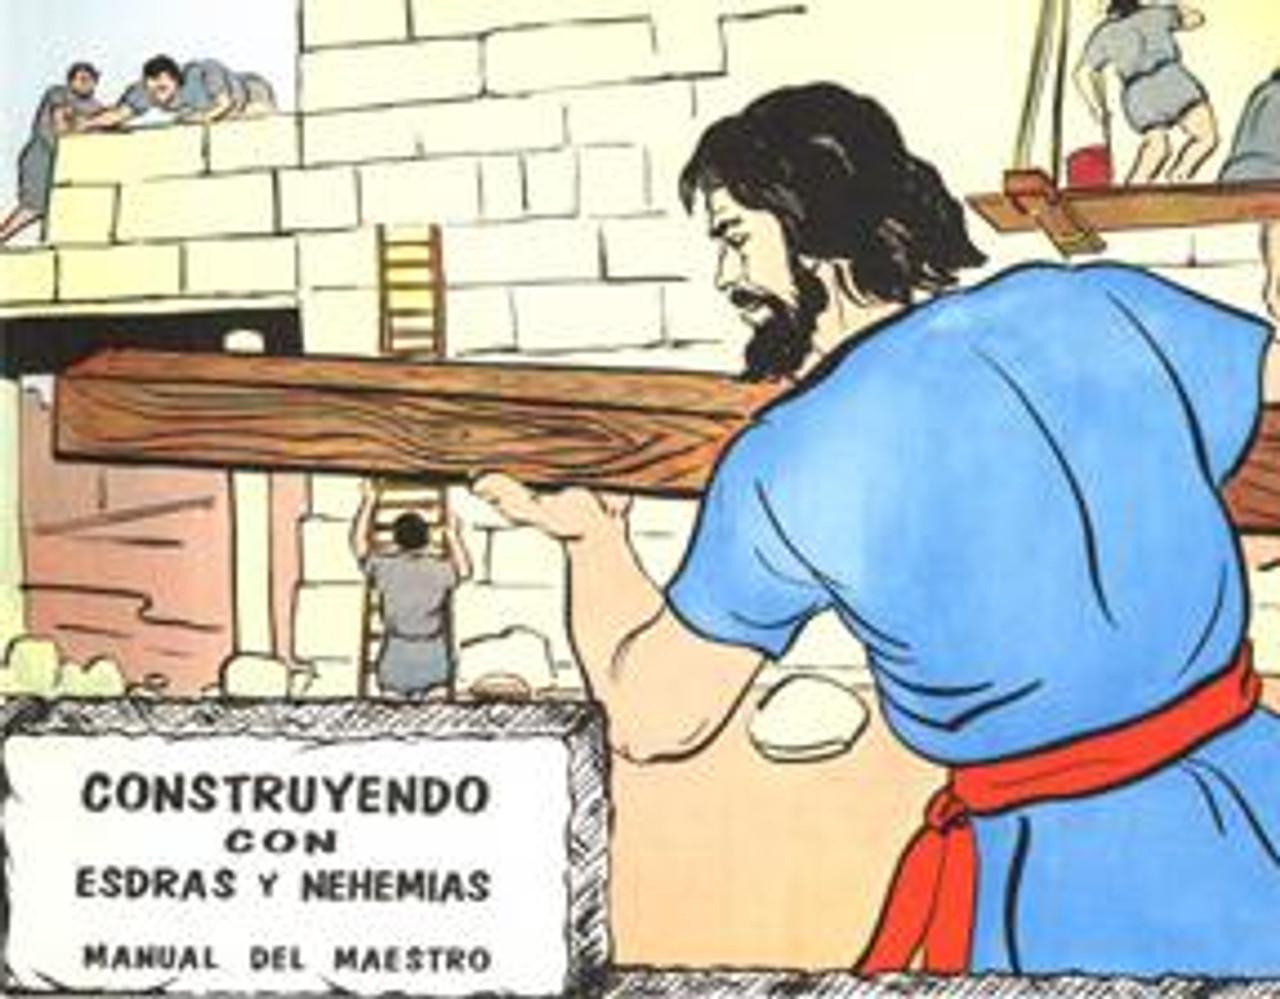 Construyendo con Esdras y Nehemias